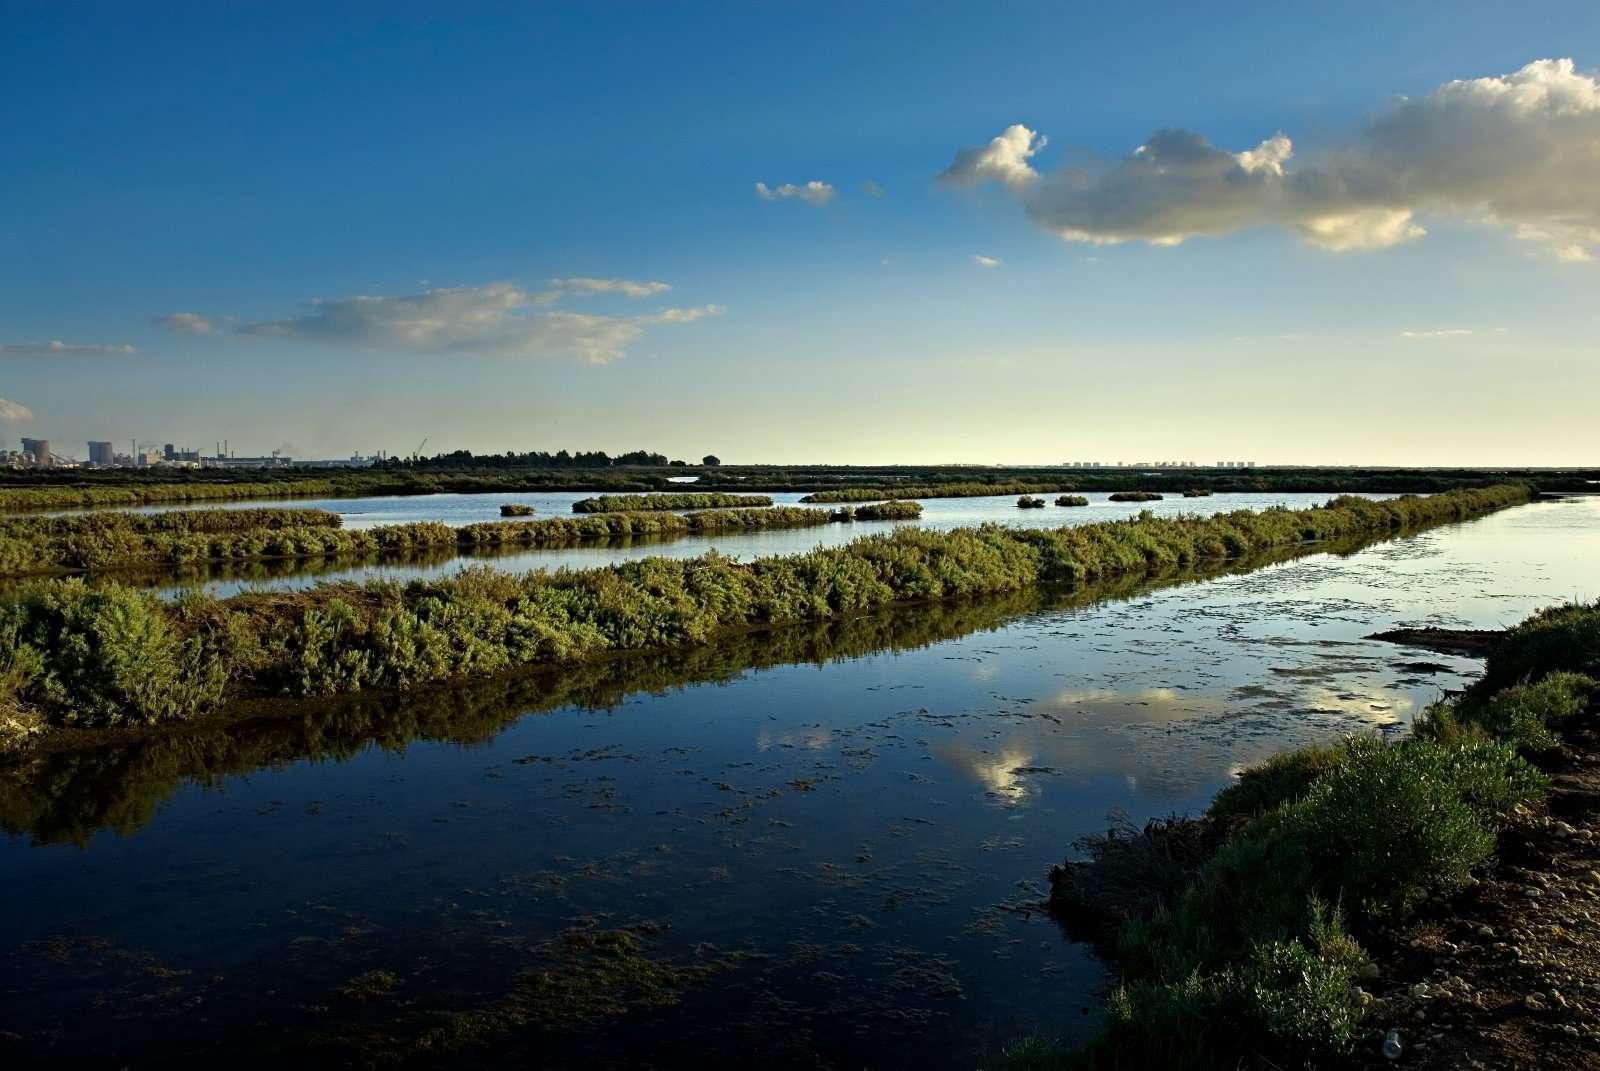 El proyecto Biomic analiza los principales indicadores del estado ecológico del medioambiente costero para elaborar una estrategia común de preservación.